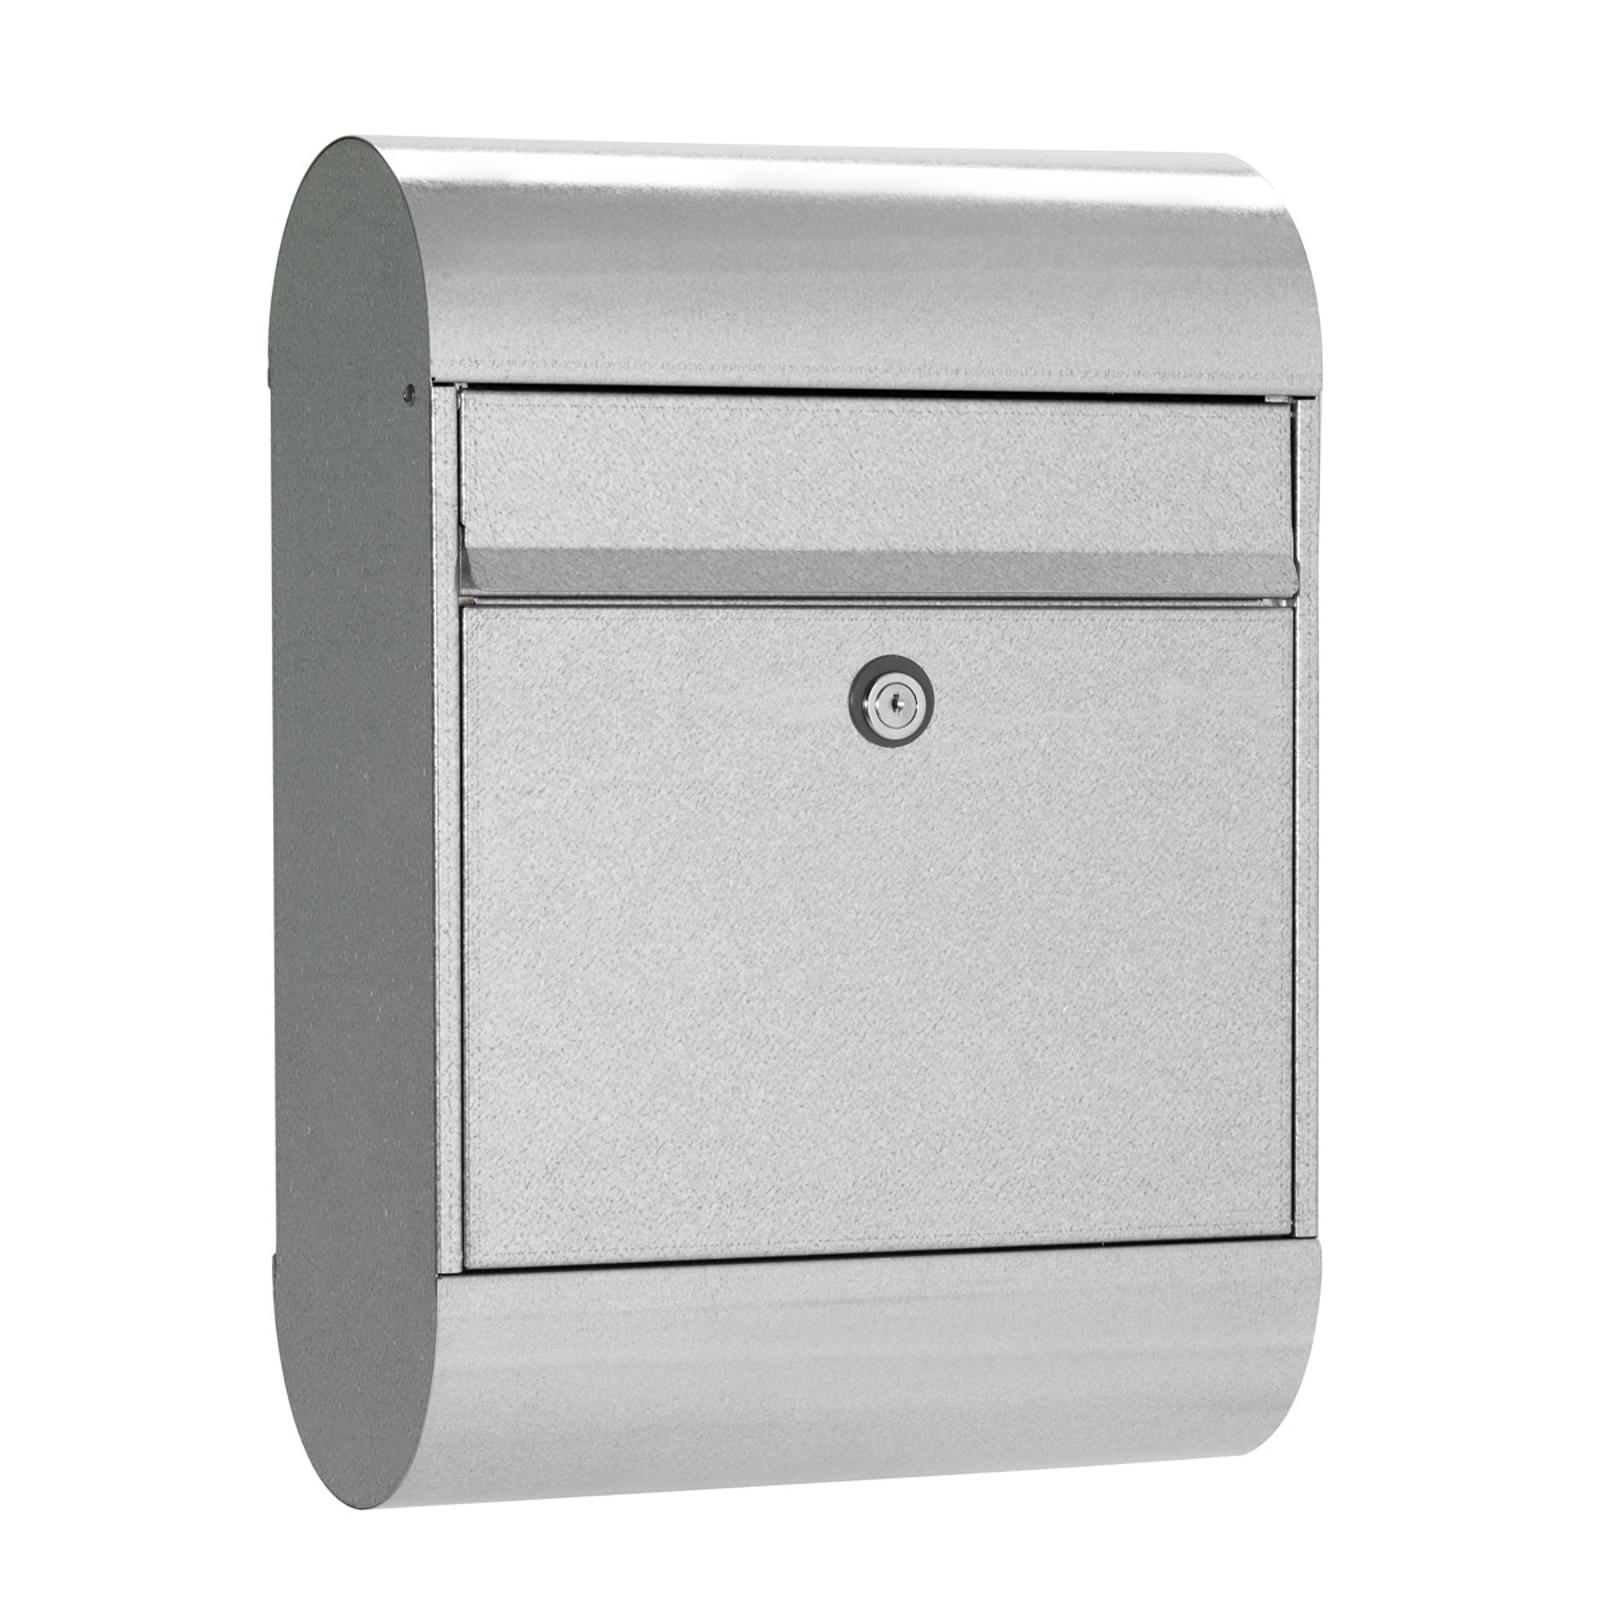 Skrzynka pocztowa, styl skandynawski 6000